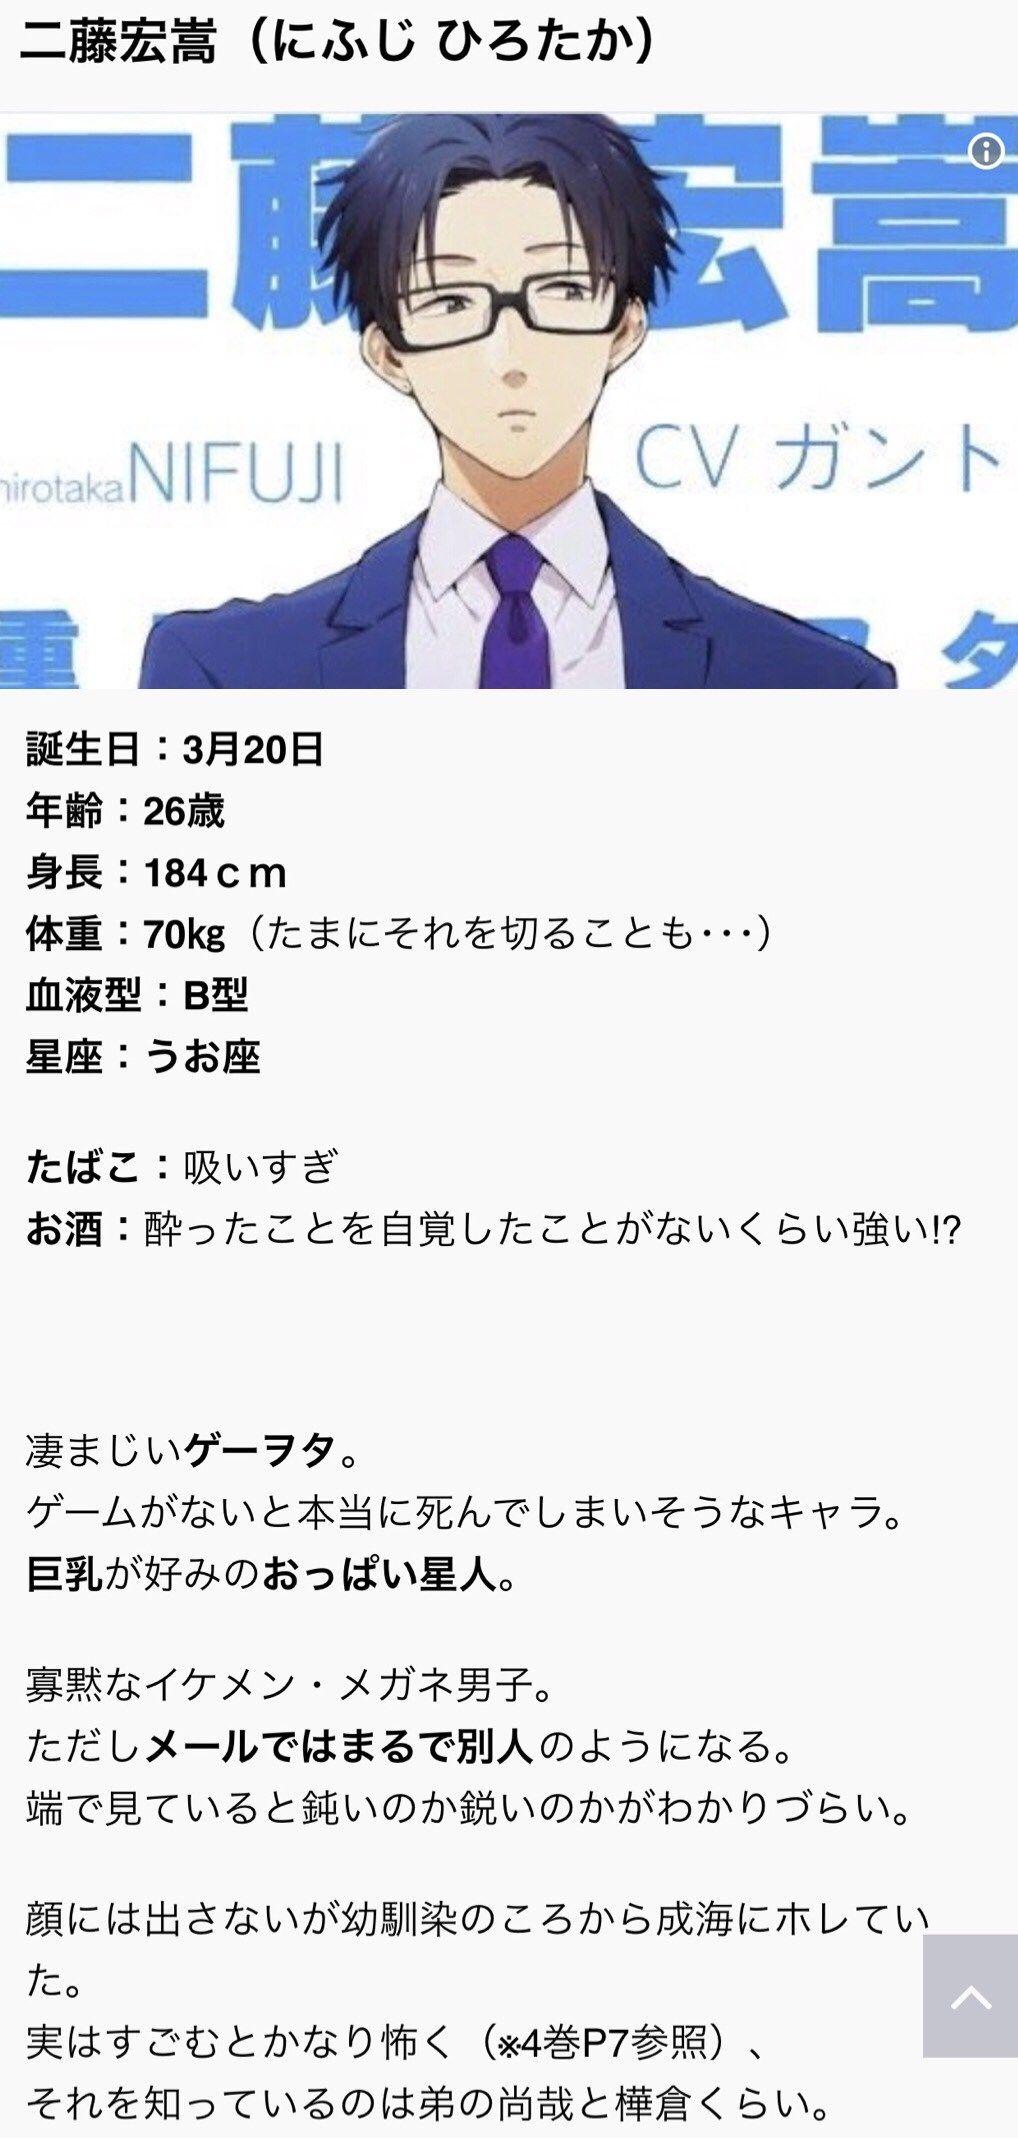 ヲタ恋 ひろたか 画像